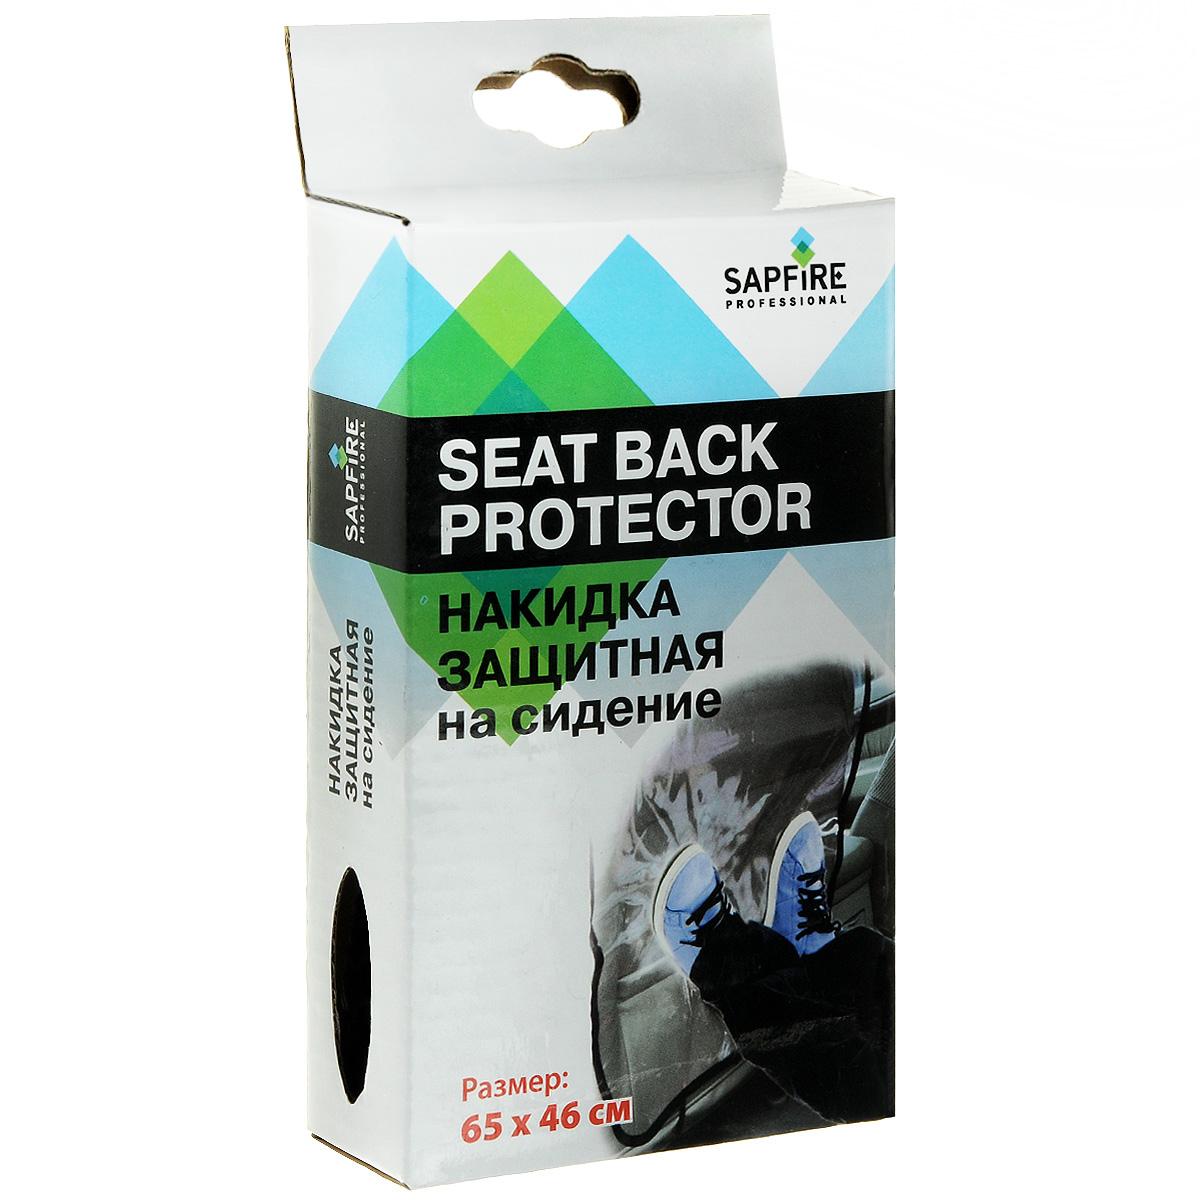 Накидка защитная на сидение Sapfire 65 х 46 смМАЙ00081Накидка Sapfire выполнена из высококачественного полиэстера и предназначена для защиты спинки сиденья от грязи и пыли. Незаменима при перевозке детей в детском автомобильном кресле. Легко чистится или моется. Прозрачный материал не изменяет дизайн салона автомобиля. Надежно фиксируется на автомобильном сидении. Удобна в хранении.